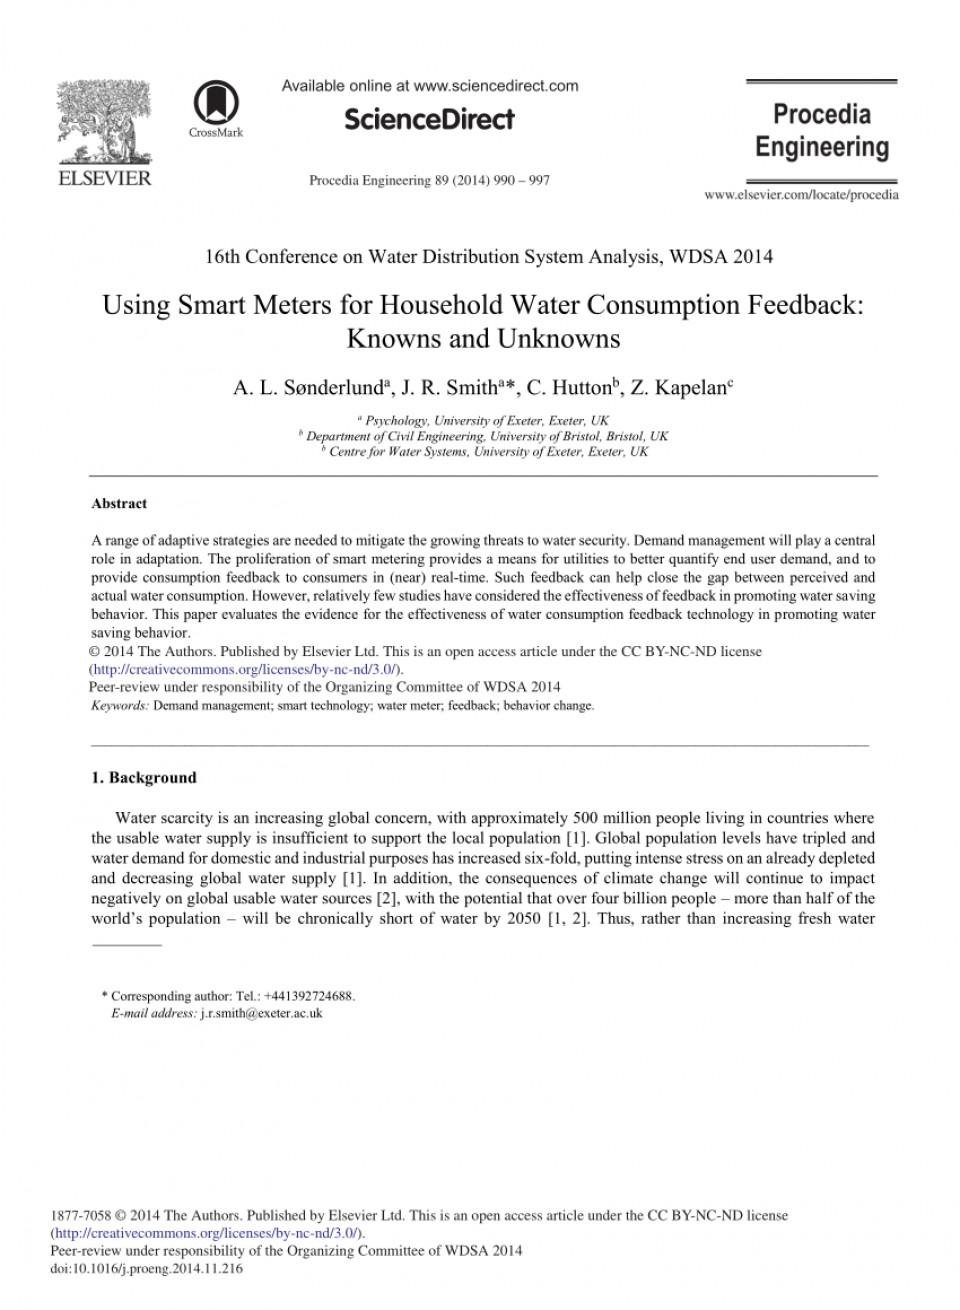 021 Njhs Essay Conclusion Largepreview Unique 960